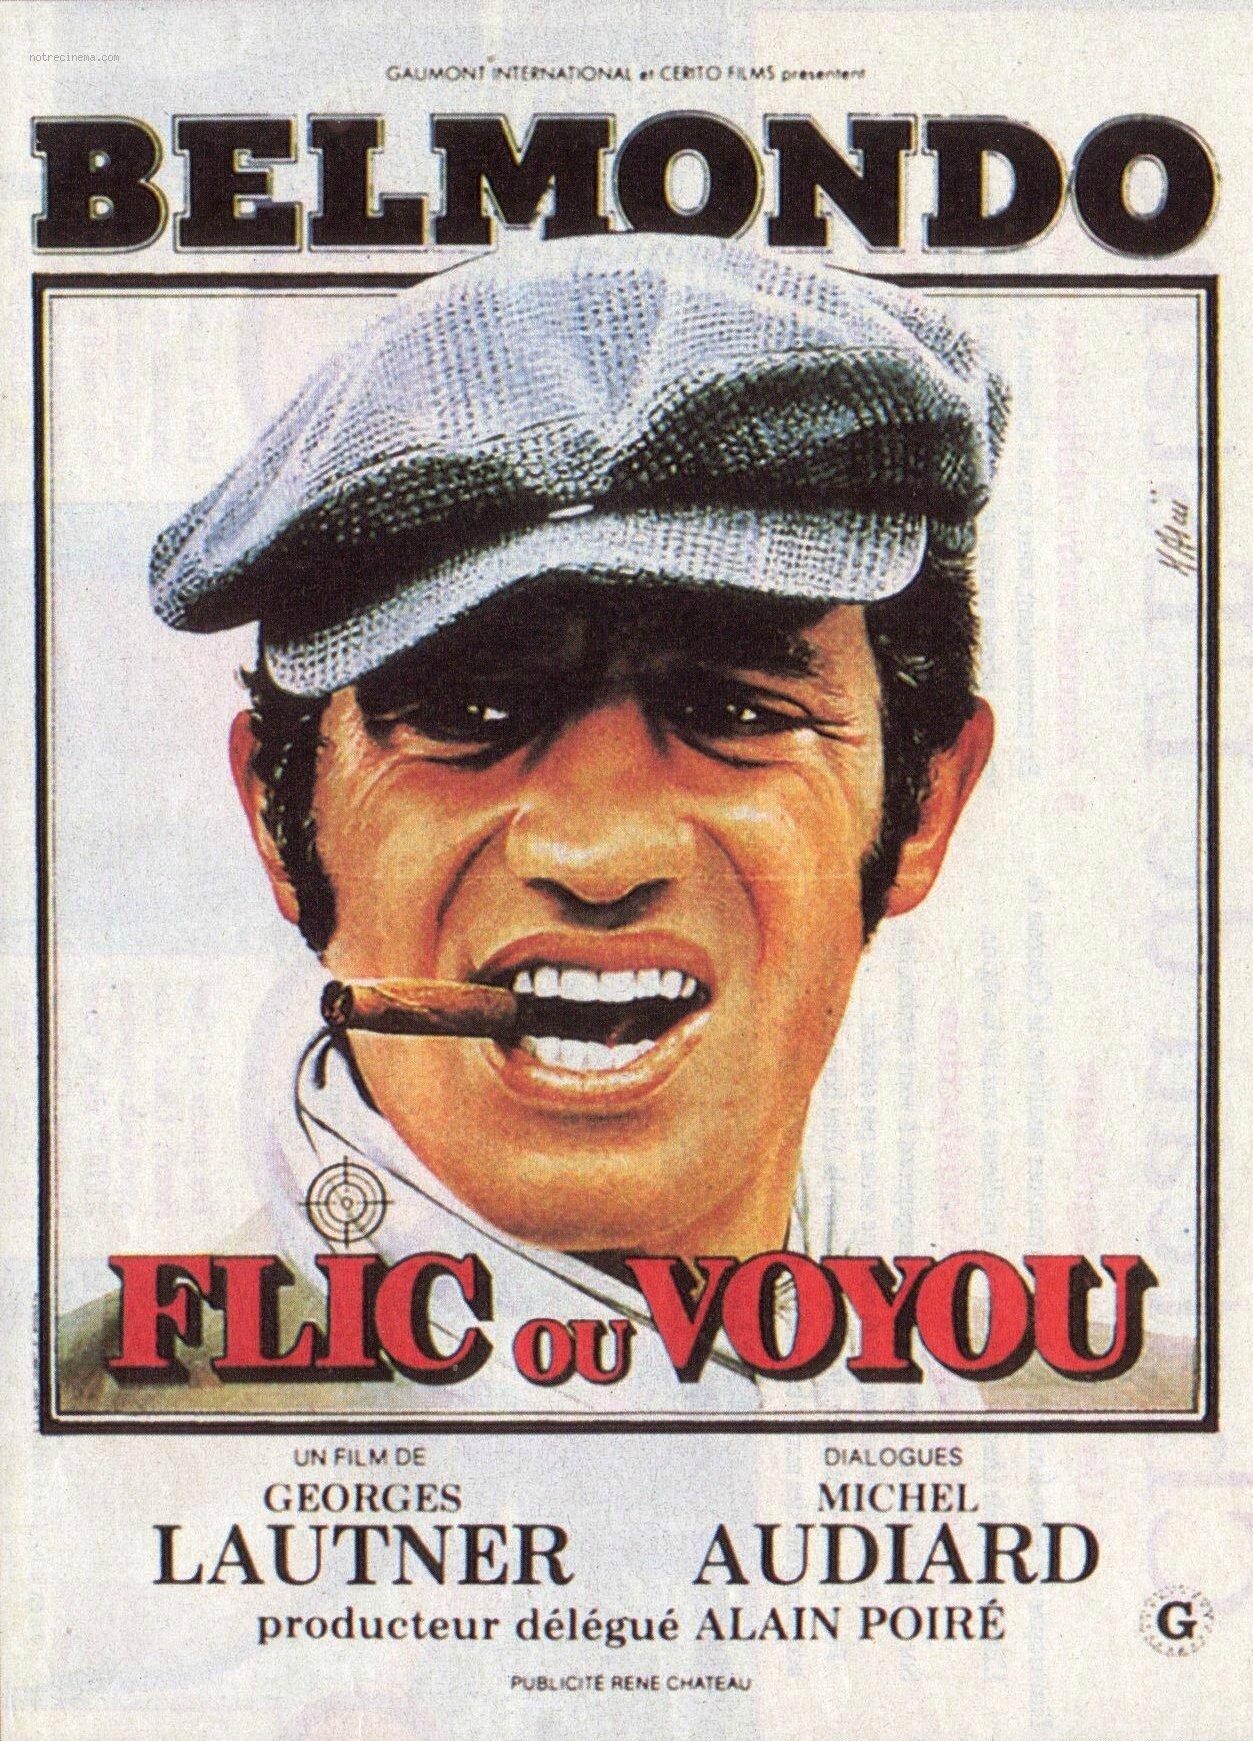 Film Avec Jean Paul Belmondo : belmondo, دراما, جاف, كروي, Belmondo, Films, Loudounhorseassociation.org